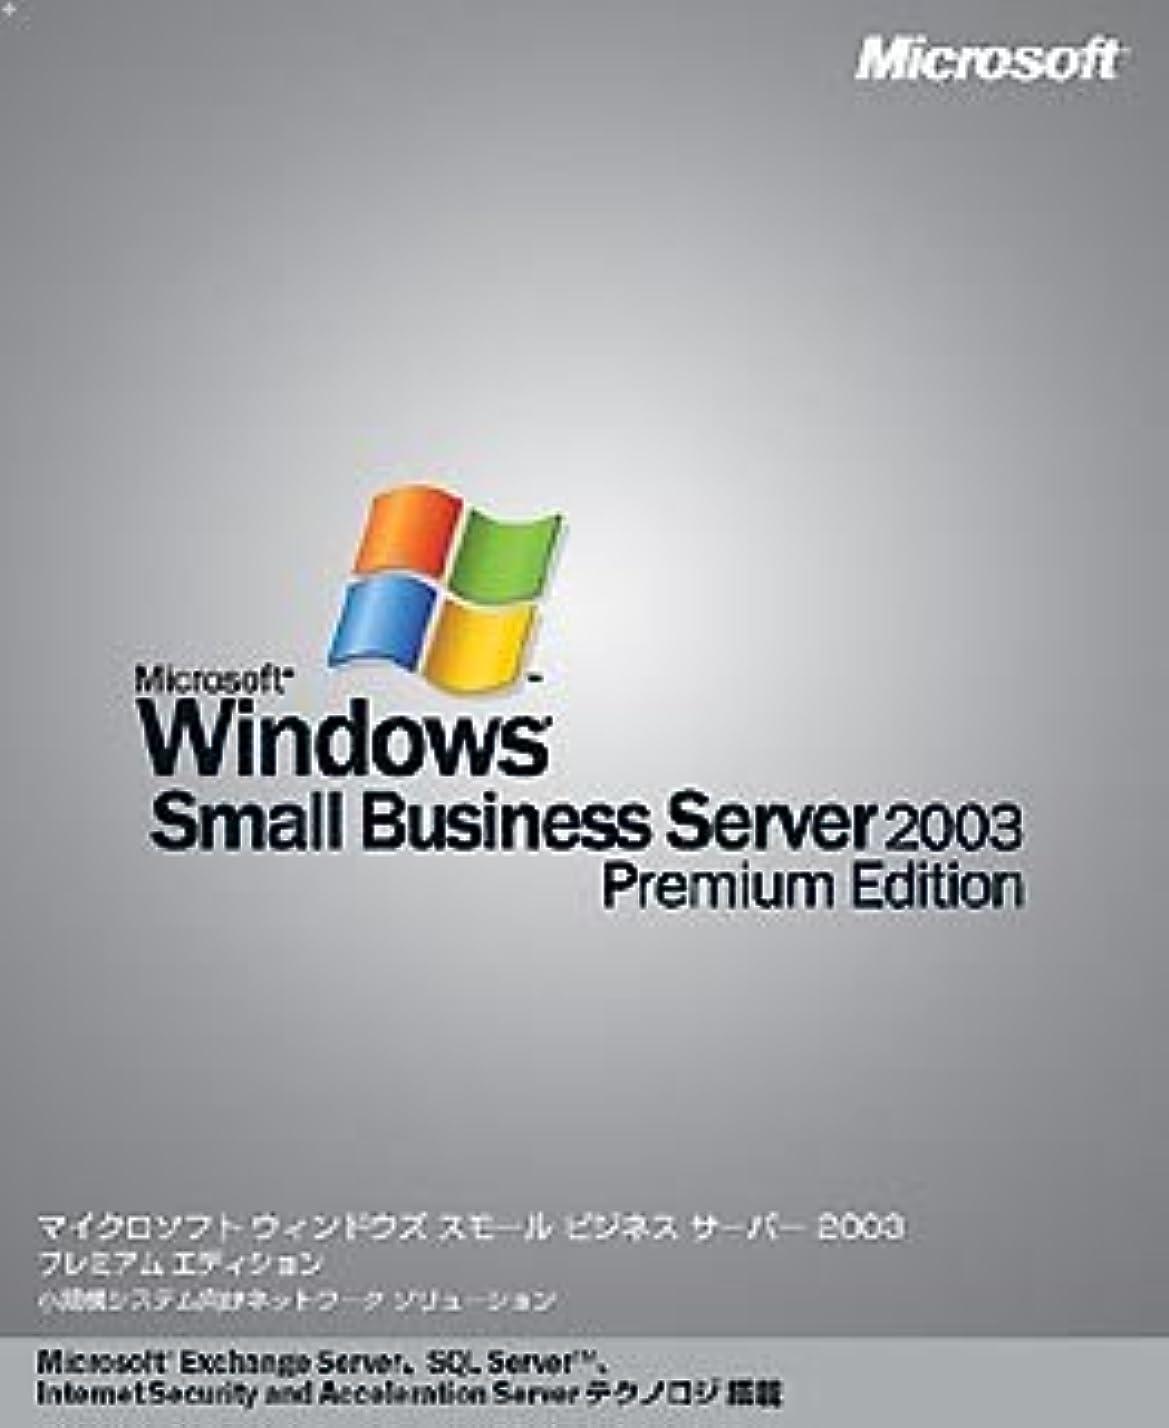 ナビゲーション化学者たくさんMicrosoft Windows Small Business Server 2003 Premium Edition 日本語版 サーバーライセンス 5CAL付